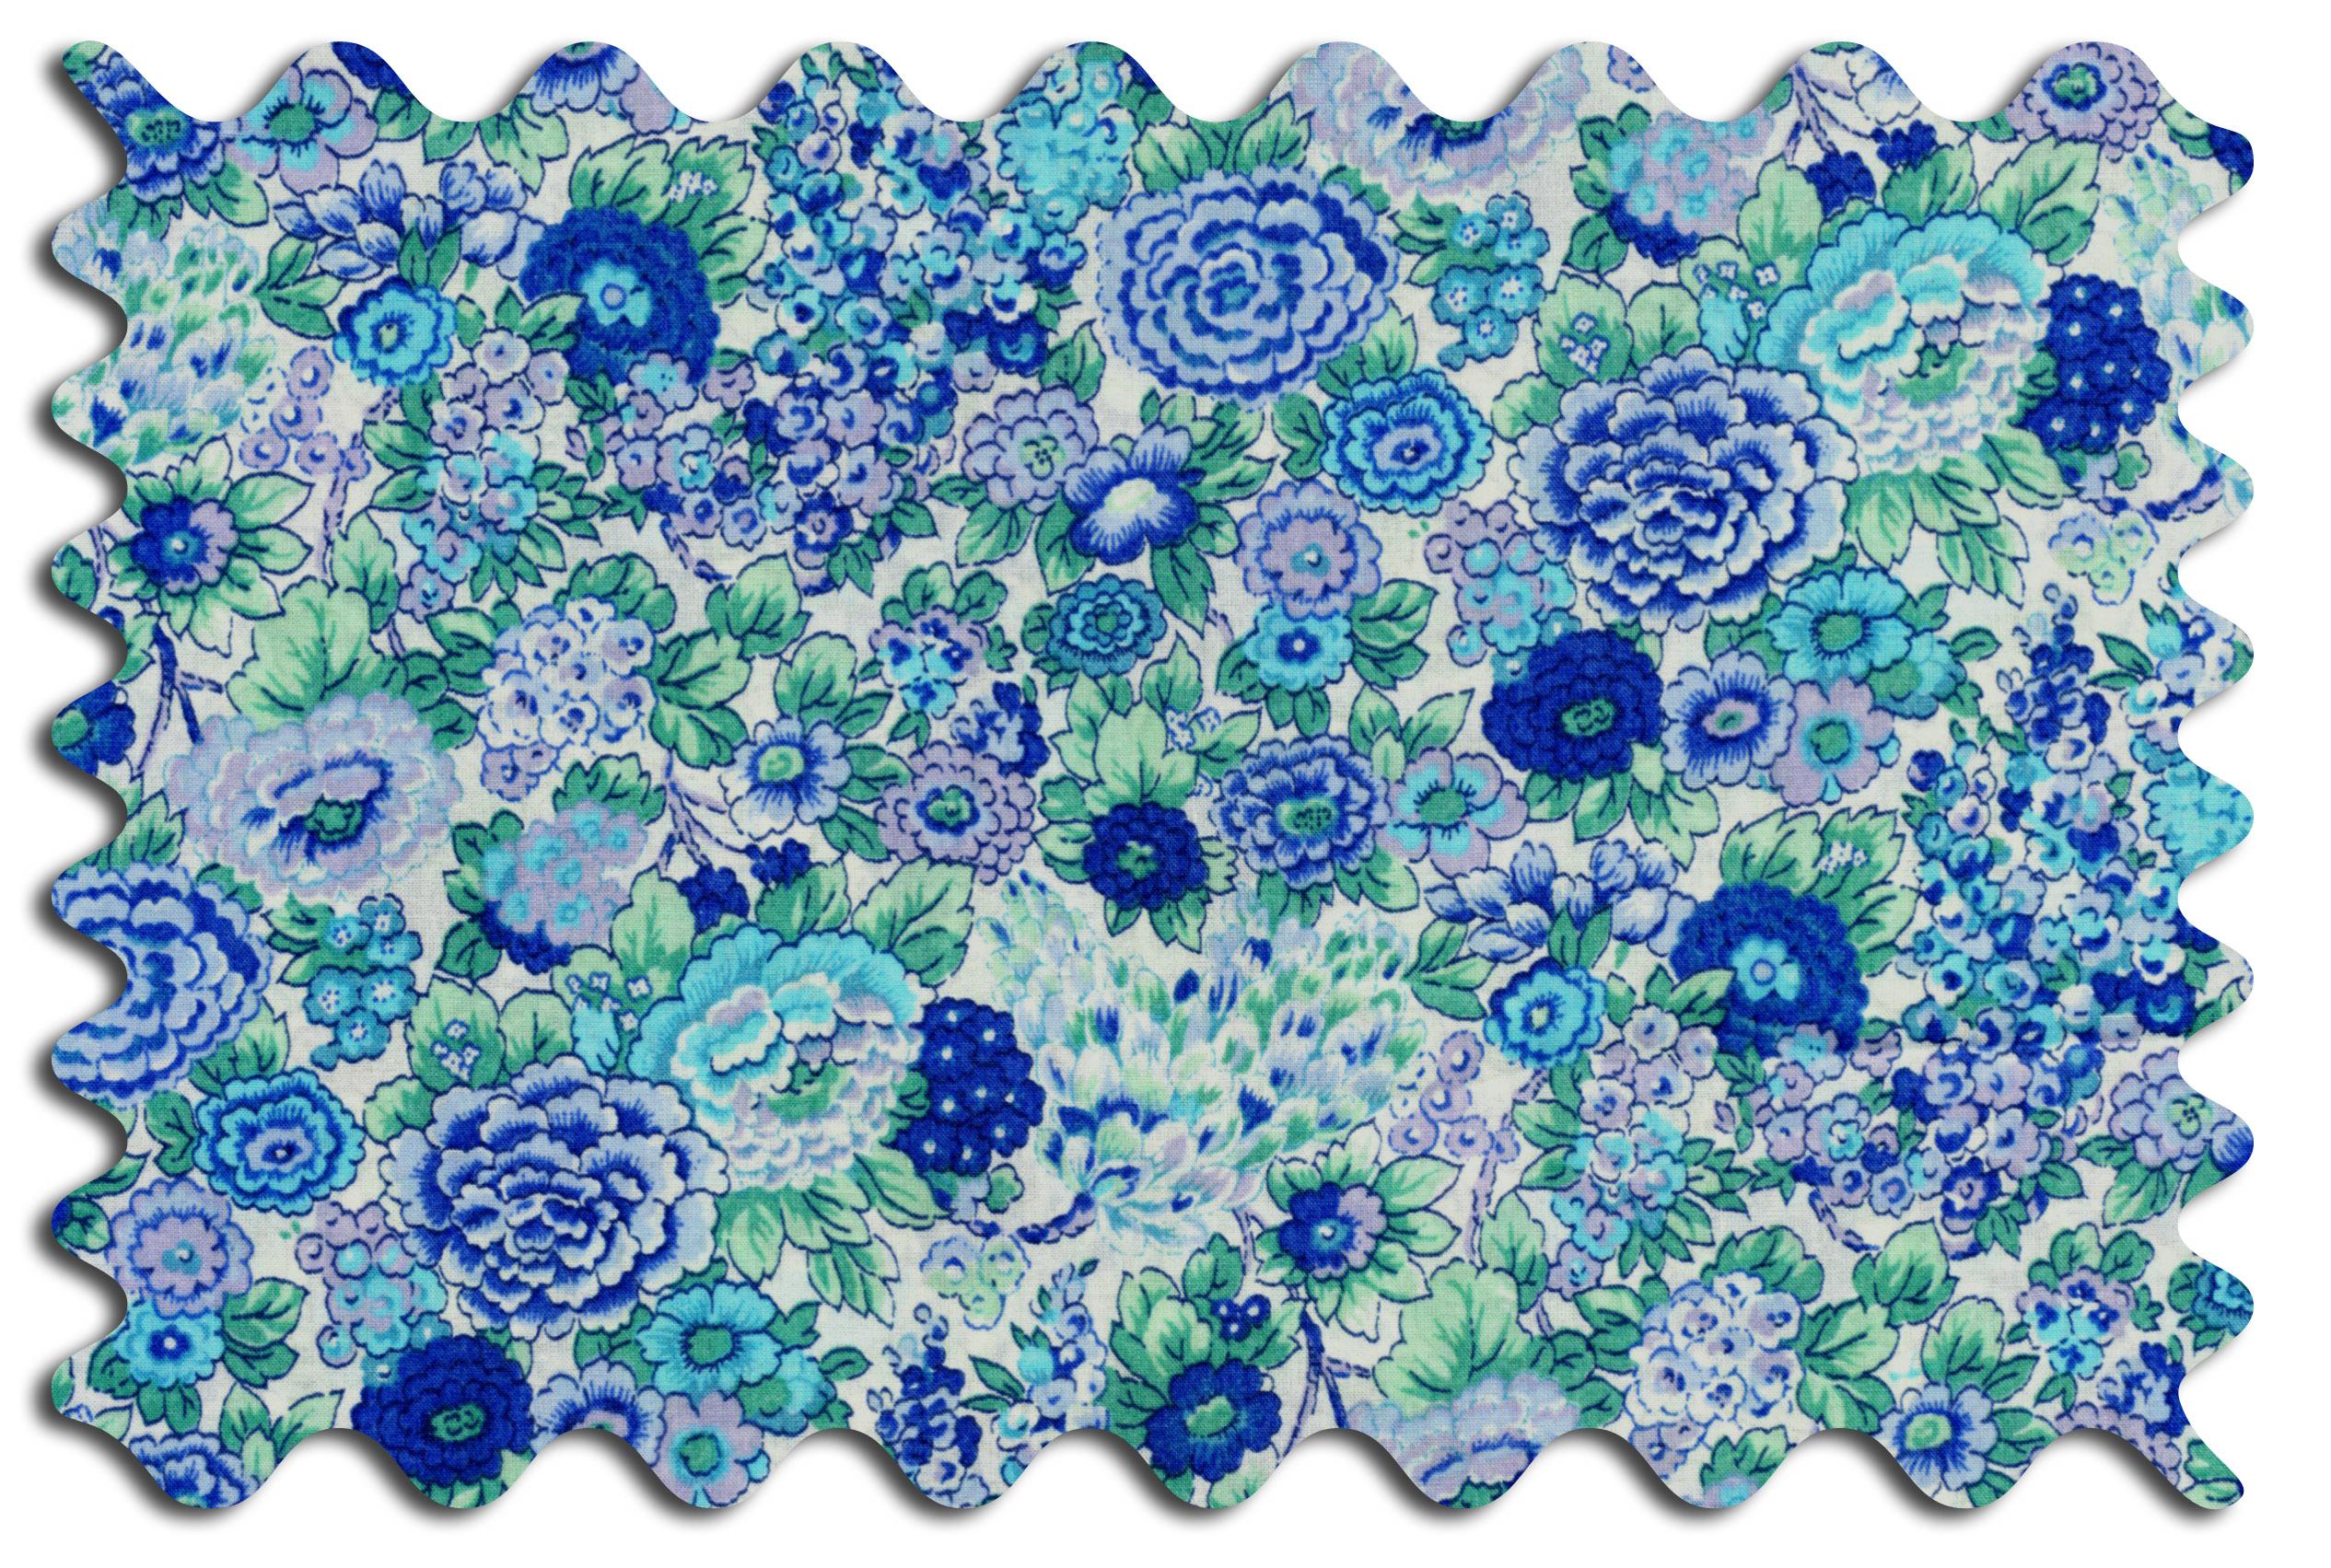 Elysian turquoise